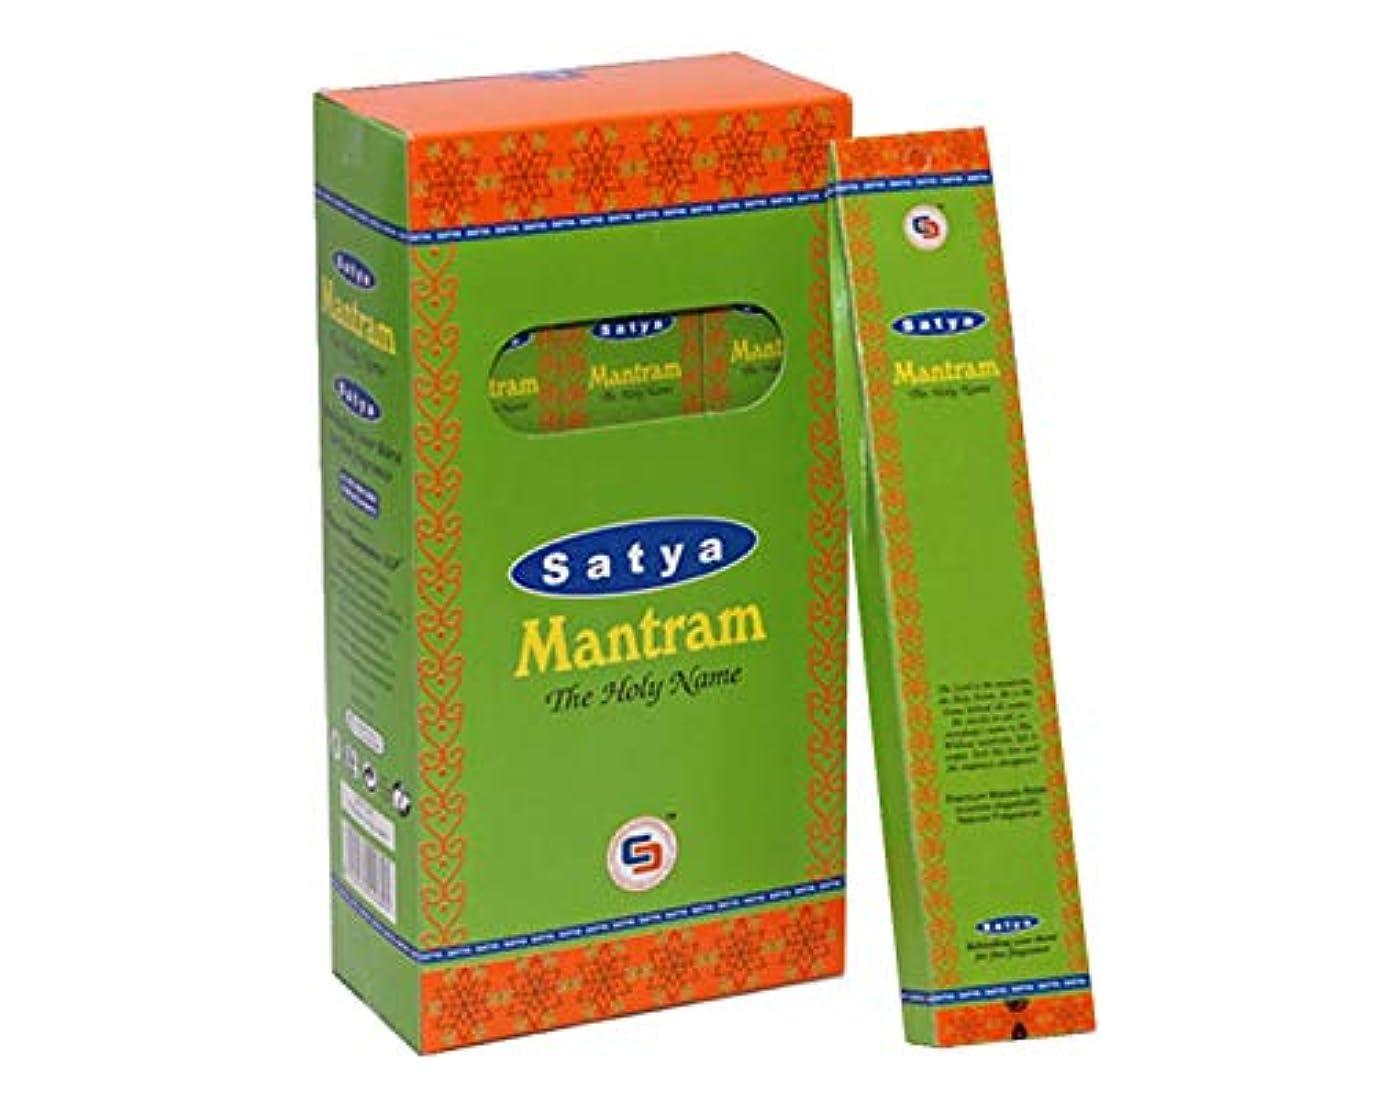 給料ブランデーフルーツSatya Mantram お香スティック Agarbatti 180グラムボックス | 箱入り12パック | 輸出品質